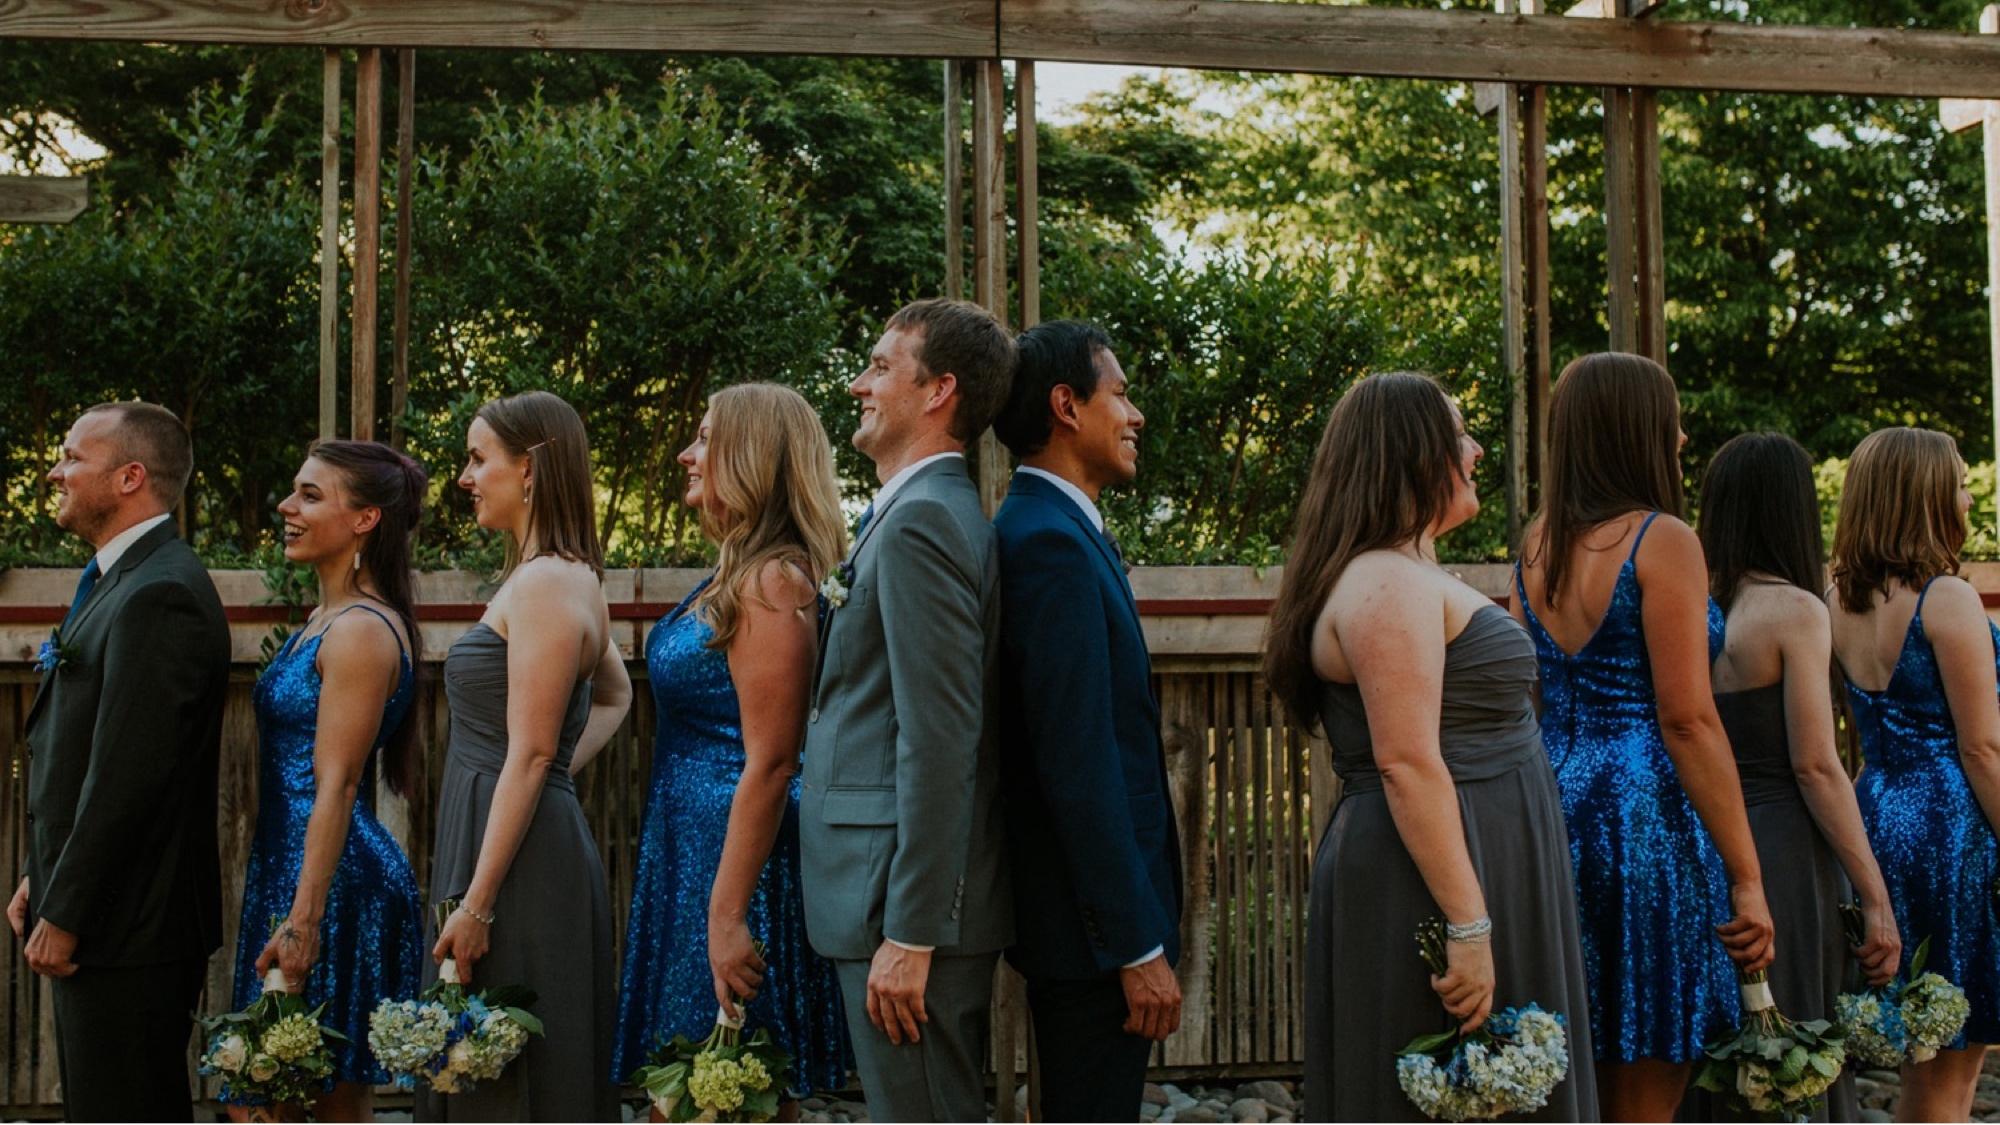 107_oregon-garden-travel-themed-wedding-photos_Haak_Oregon-Garden-Resort_Silverton-Oregon-Wedding-Photographer-164.jpg